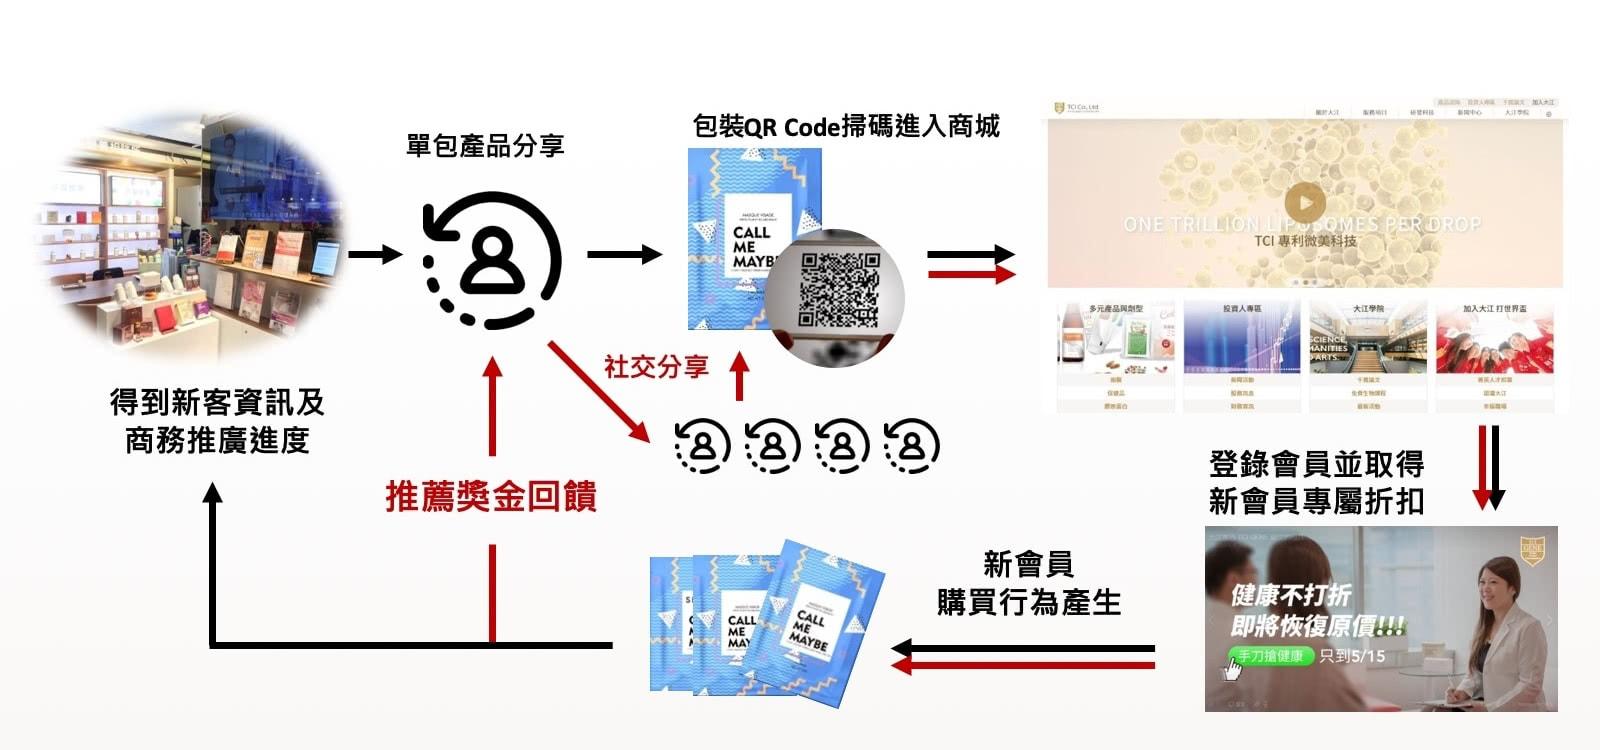 互動行銷-社交微商/線上線下 追蹤式推廣方案